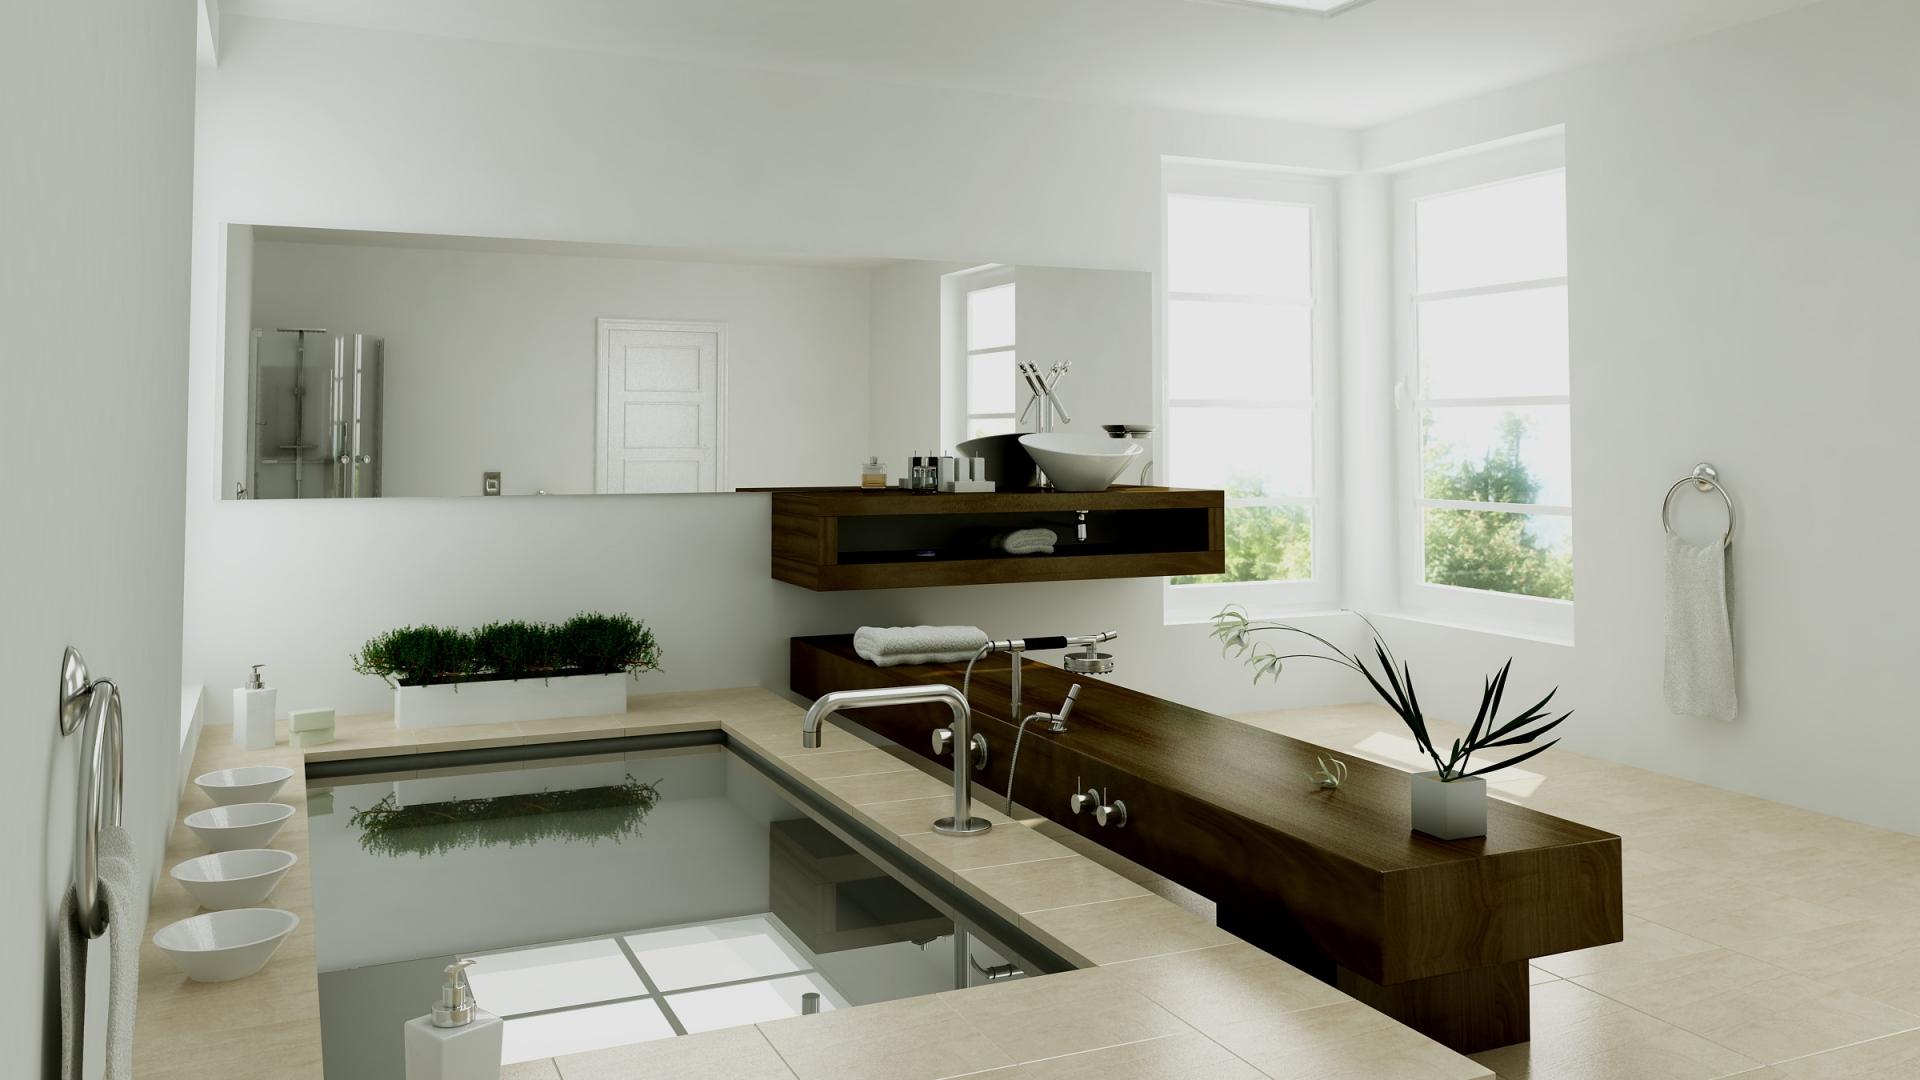 Diseño interior de un baño - 1920x1080